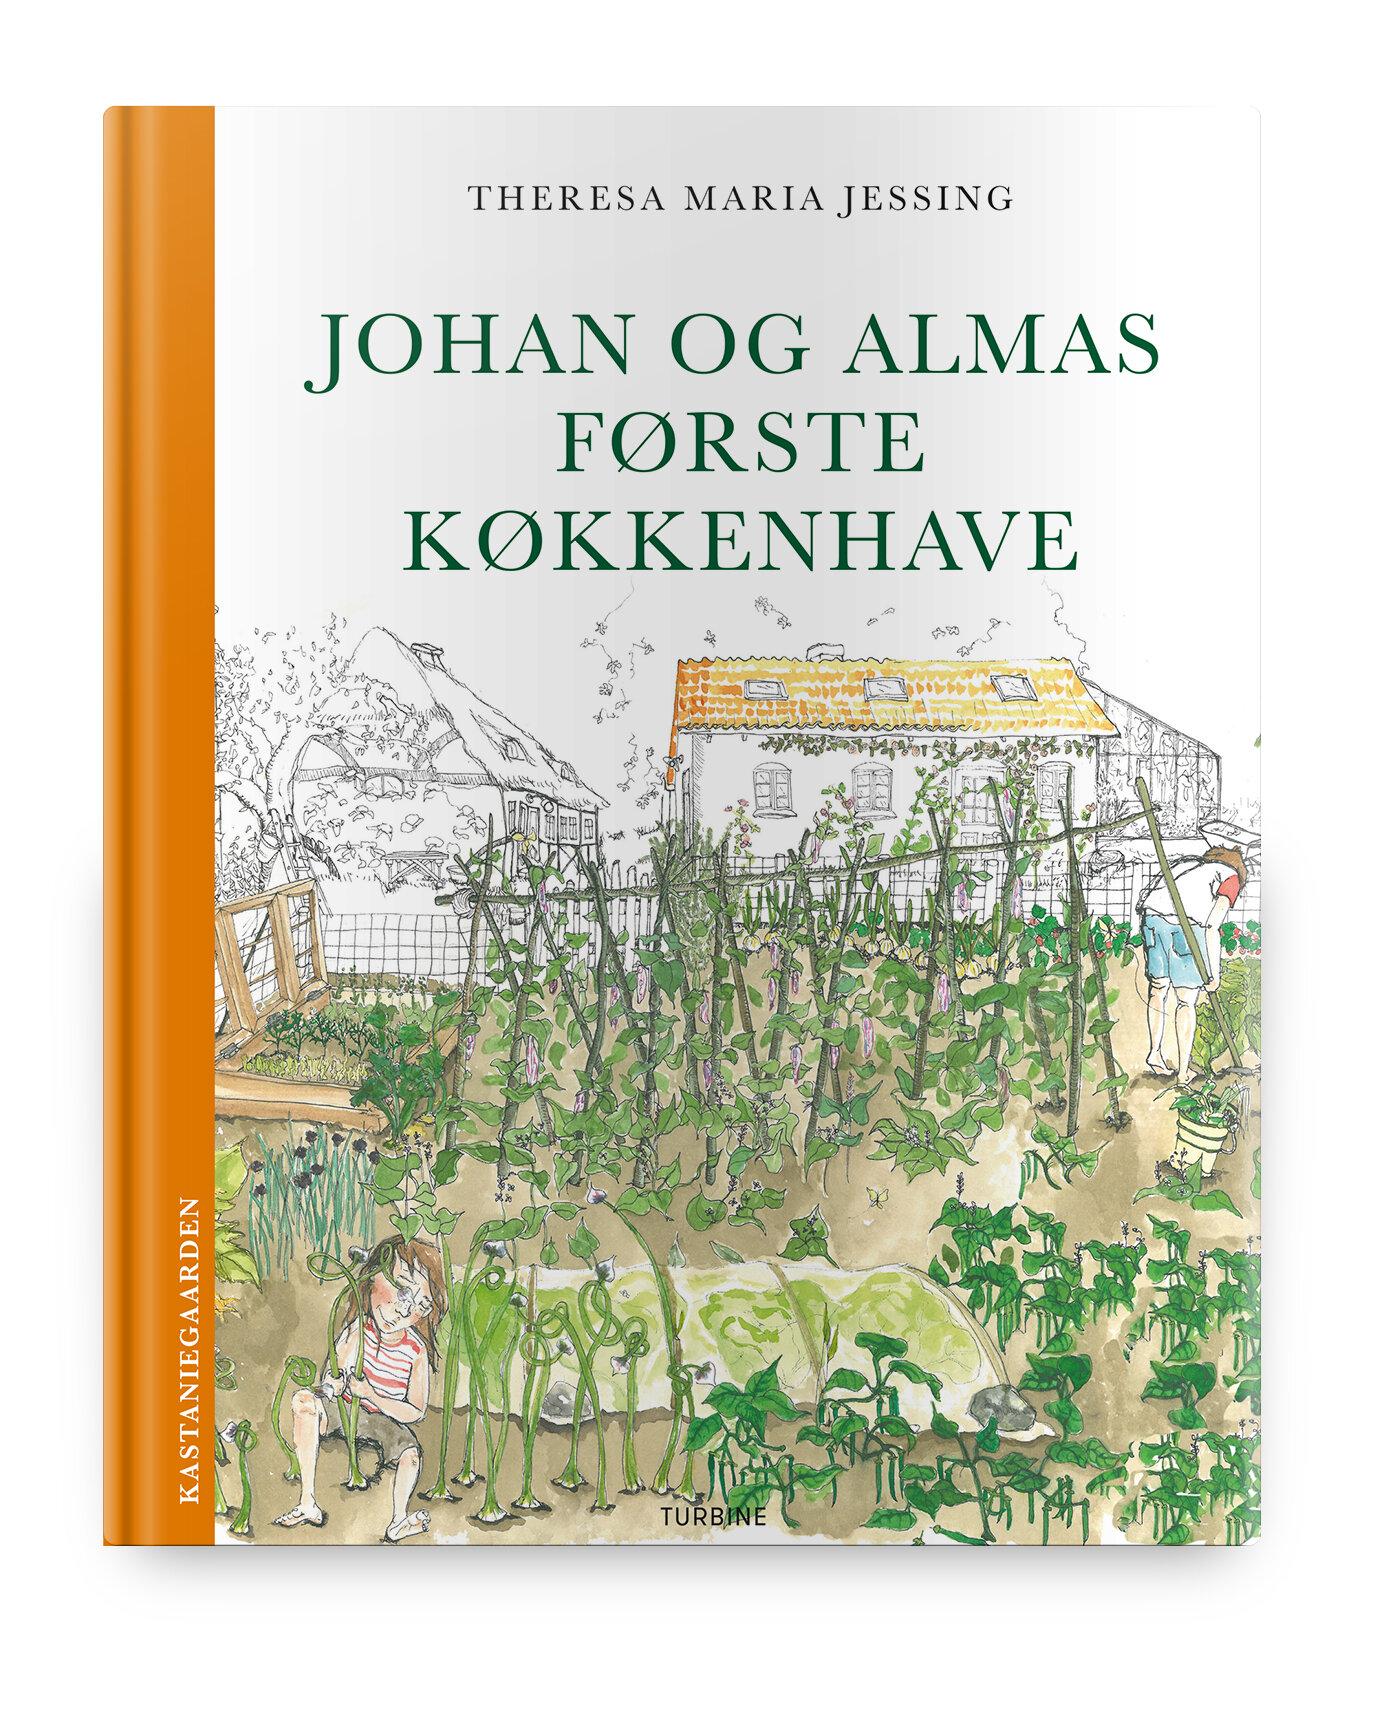 `Johan og Almas første køkkenhave´, en praktisk fortælling, der gør det muligt at overføre informationerne fra fortællingen til din egen havedyrkning. En børnebog om at så, dyrke, passe og høste fra køkkenhaven, skrevet og illustreret af Theresa Jessing, udgivet af forlaget Turbine i 2018.